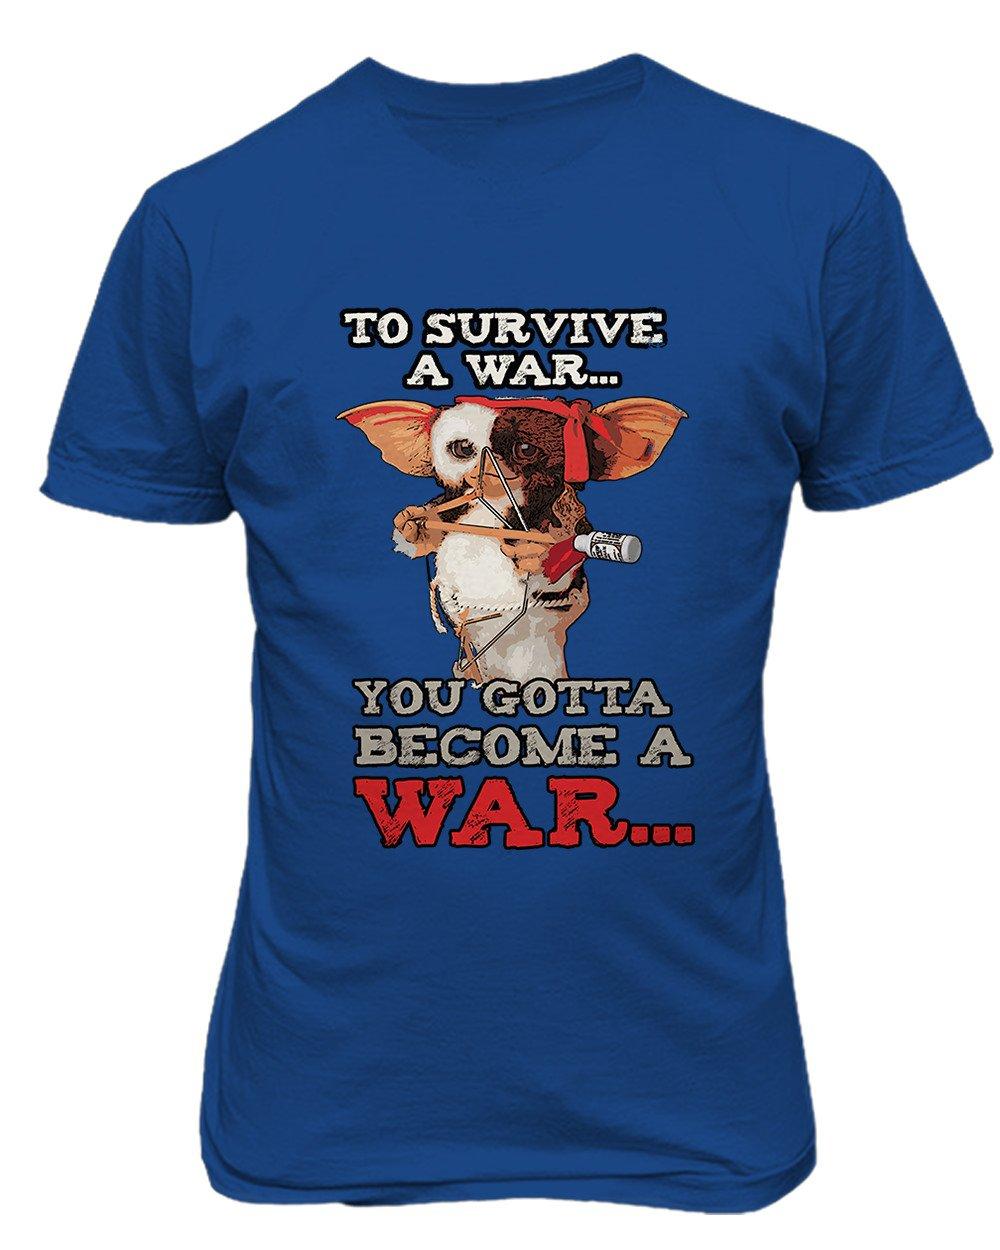 New Novelty Graphic Tee 80s Shirt Gizmo Rambo S Tshirt